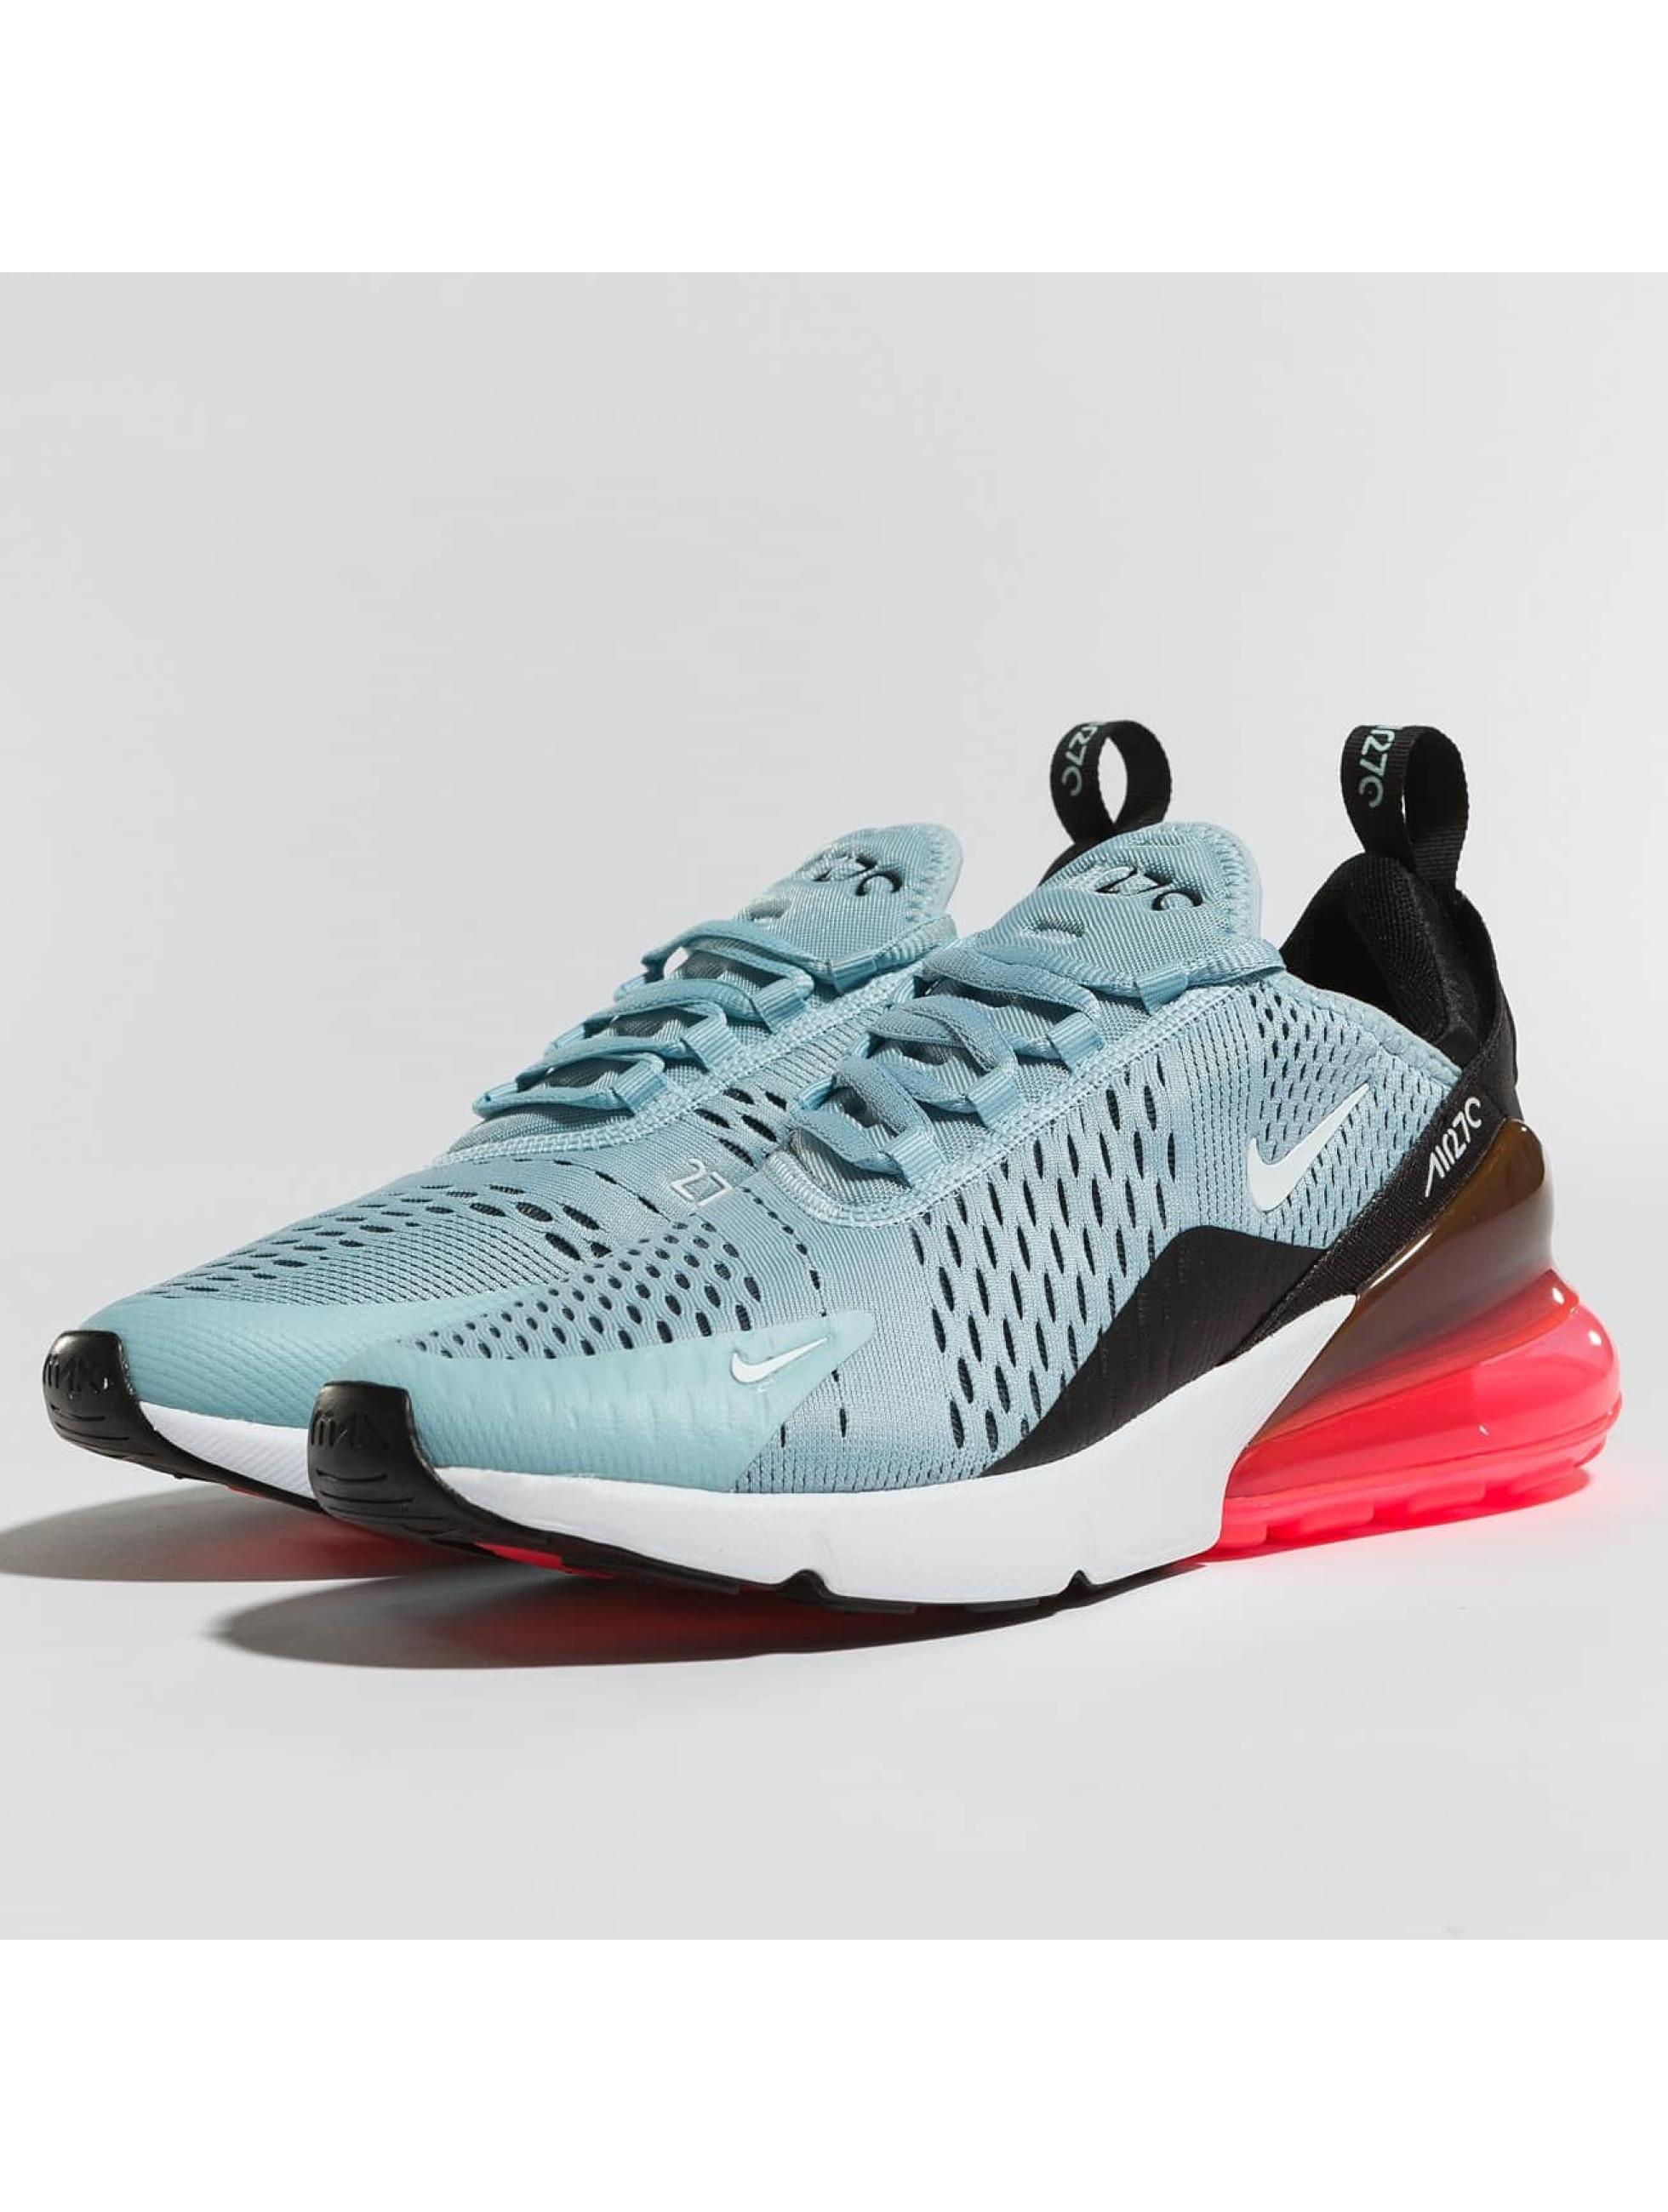 Nike Zoom Kdx Herren Basketball Schuhe Auslauf SchwarzWeiß